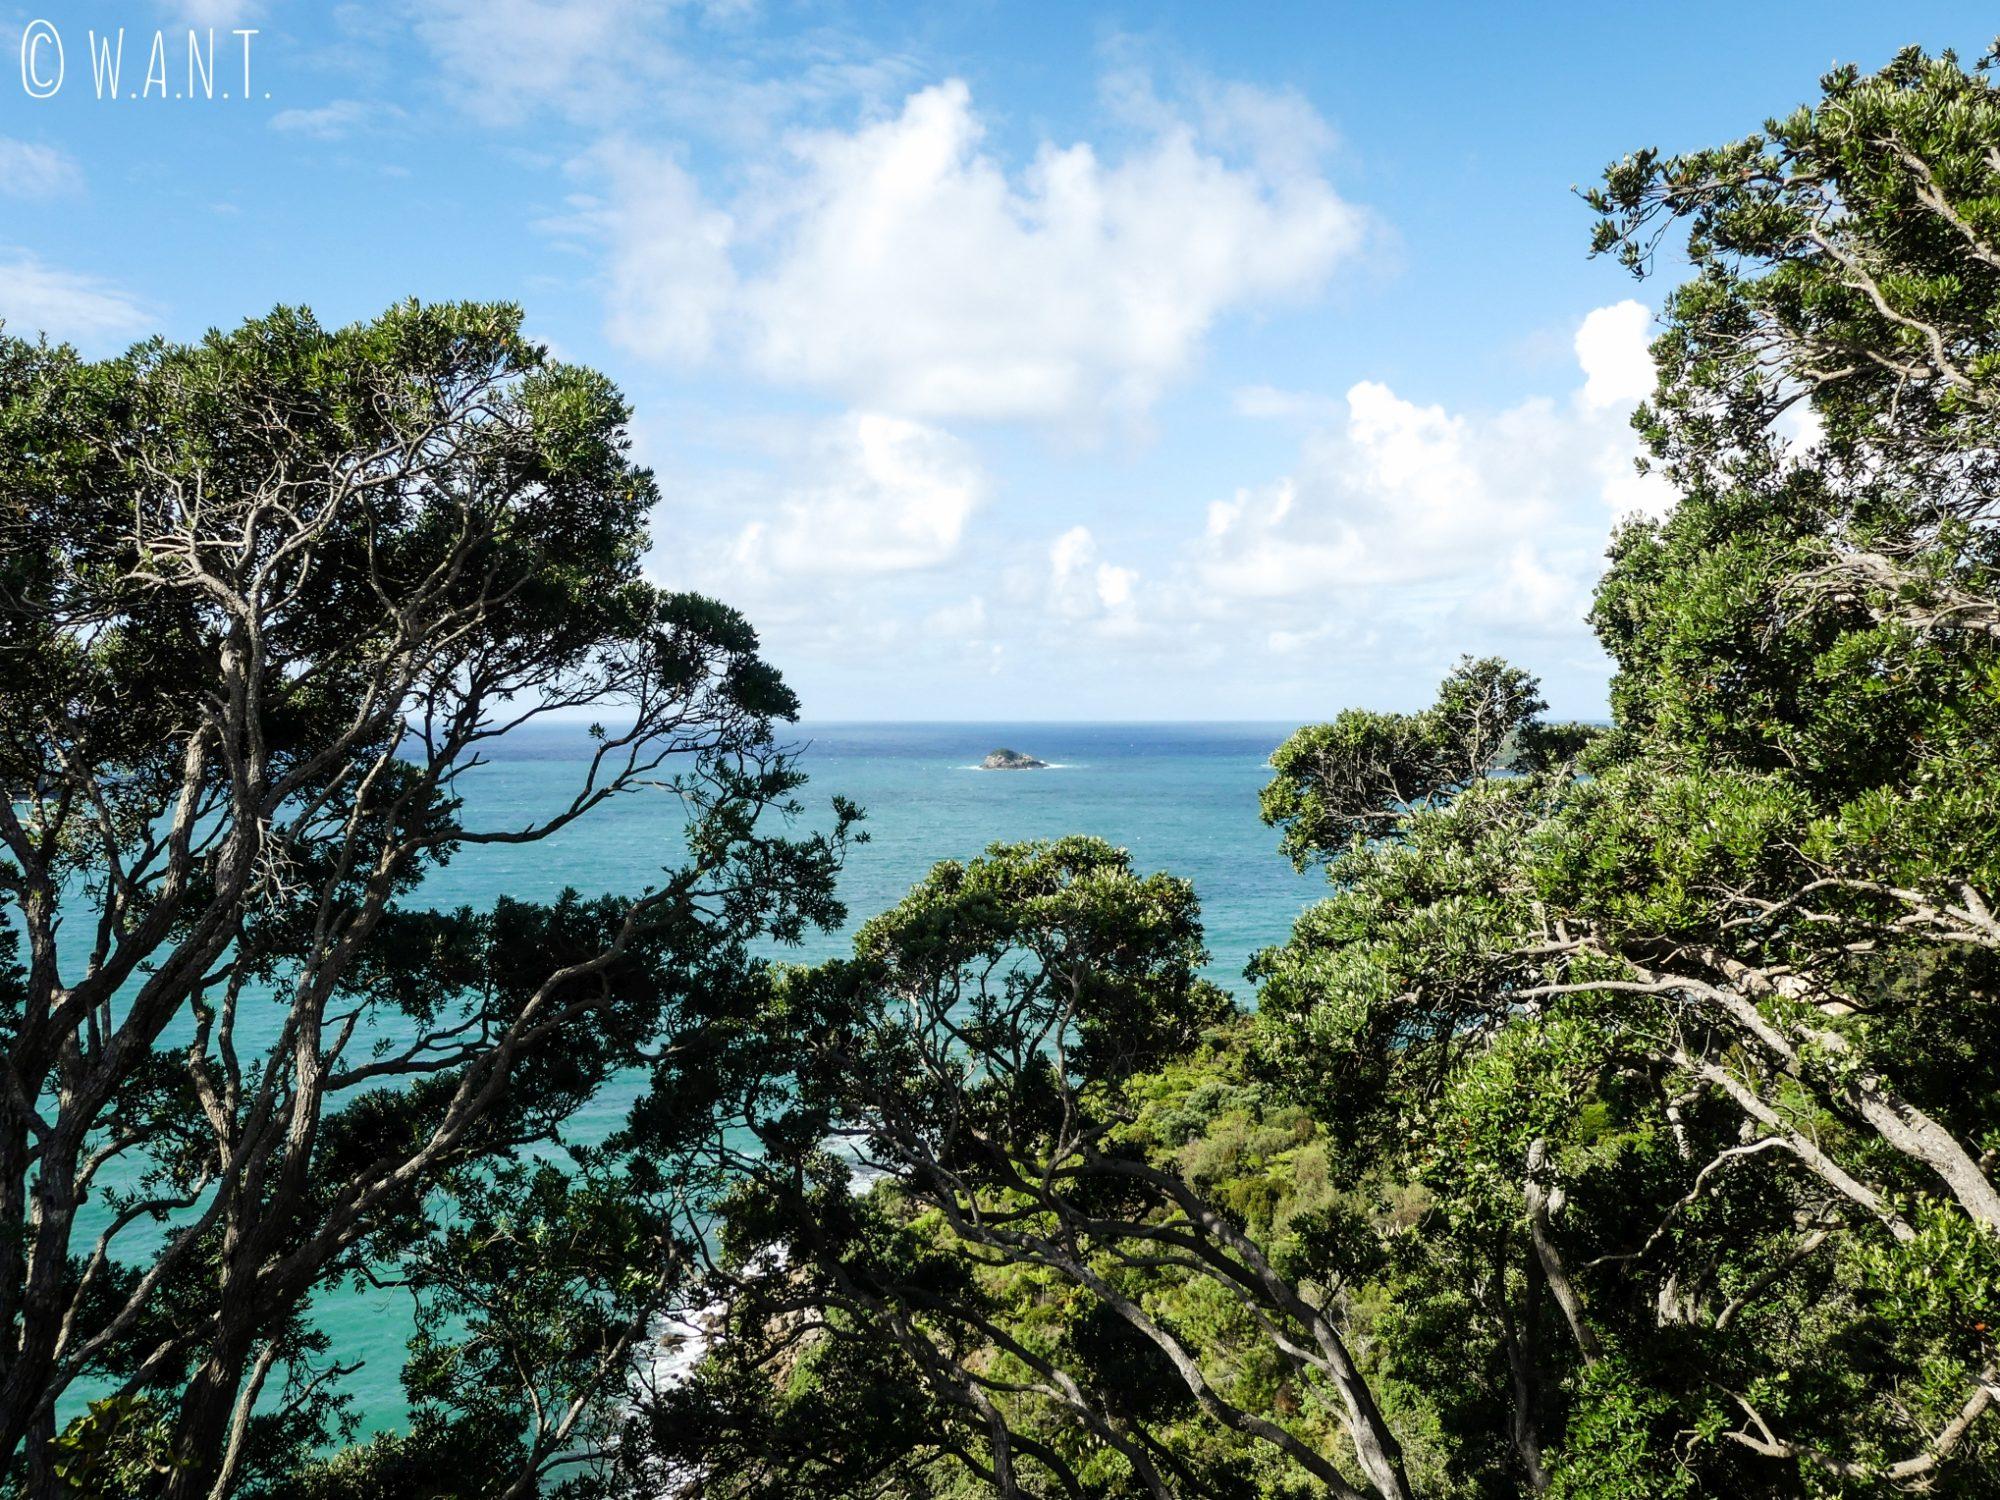 La promenade qui relie Hahei à Cathedral Cove, en Nouvelle-Zélande, est superbe